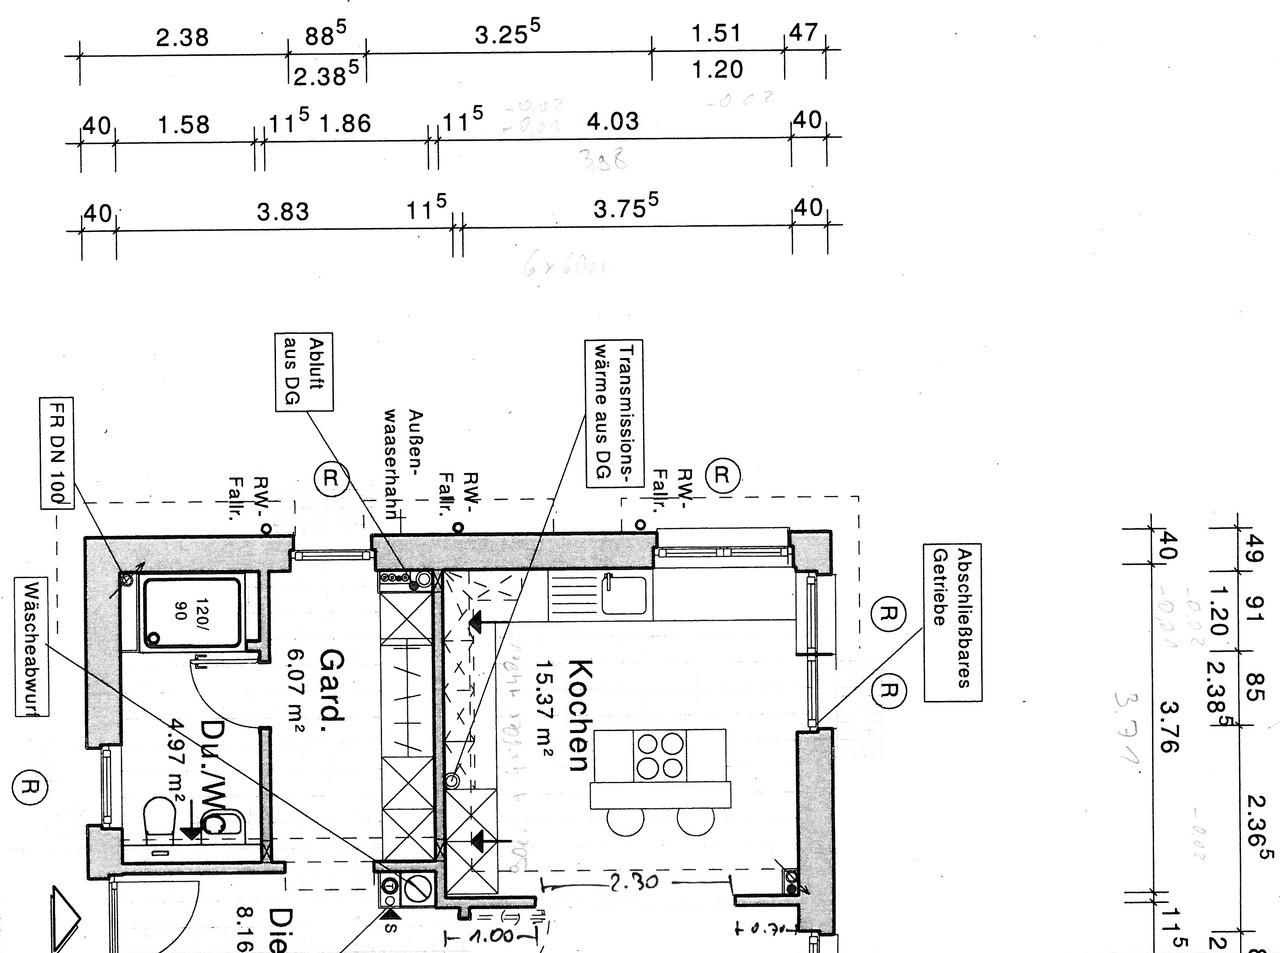 küche | wir bauen 'am lusthaus'